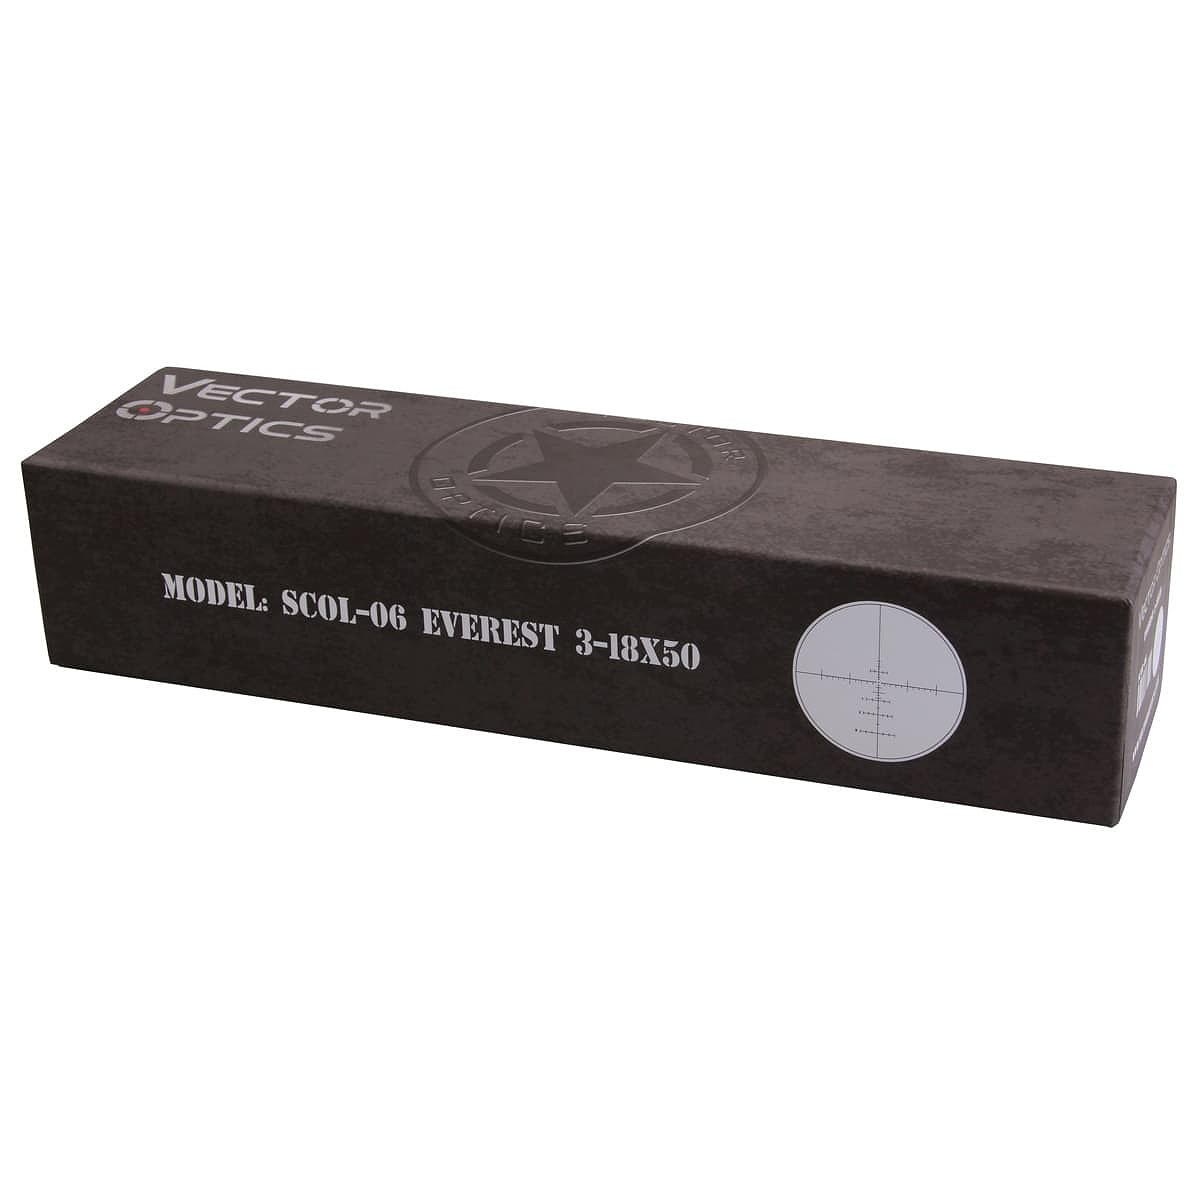 【お届け予定日: 5月30日】ベクターオプティクス ライフルスコープ Everest 3-18x50 GenII  Vector Optics SCOL-06II